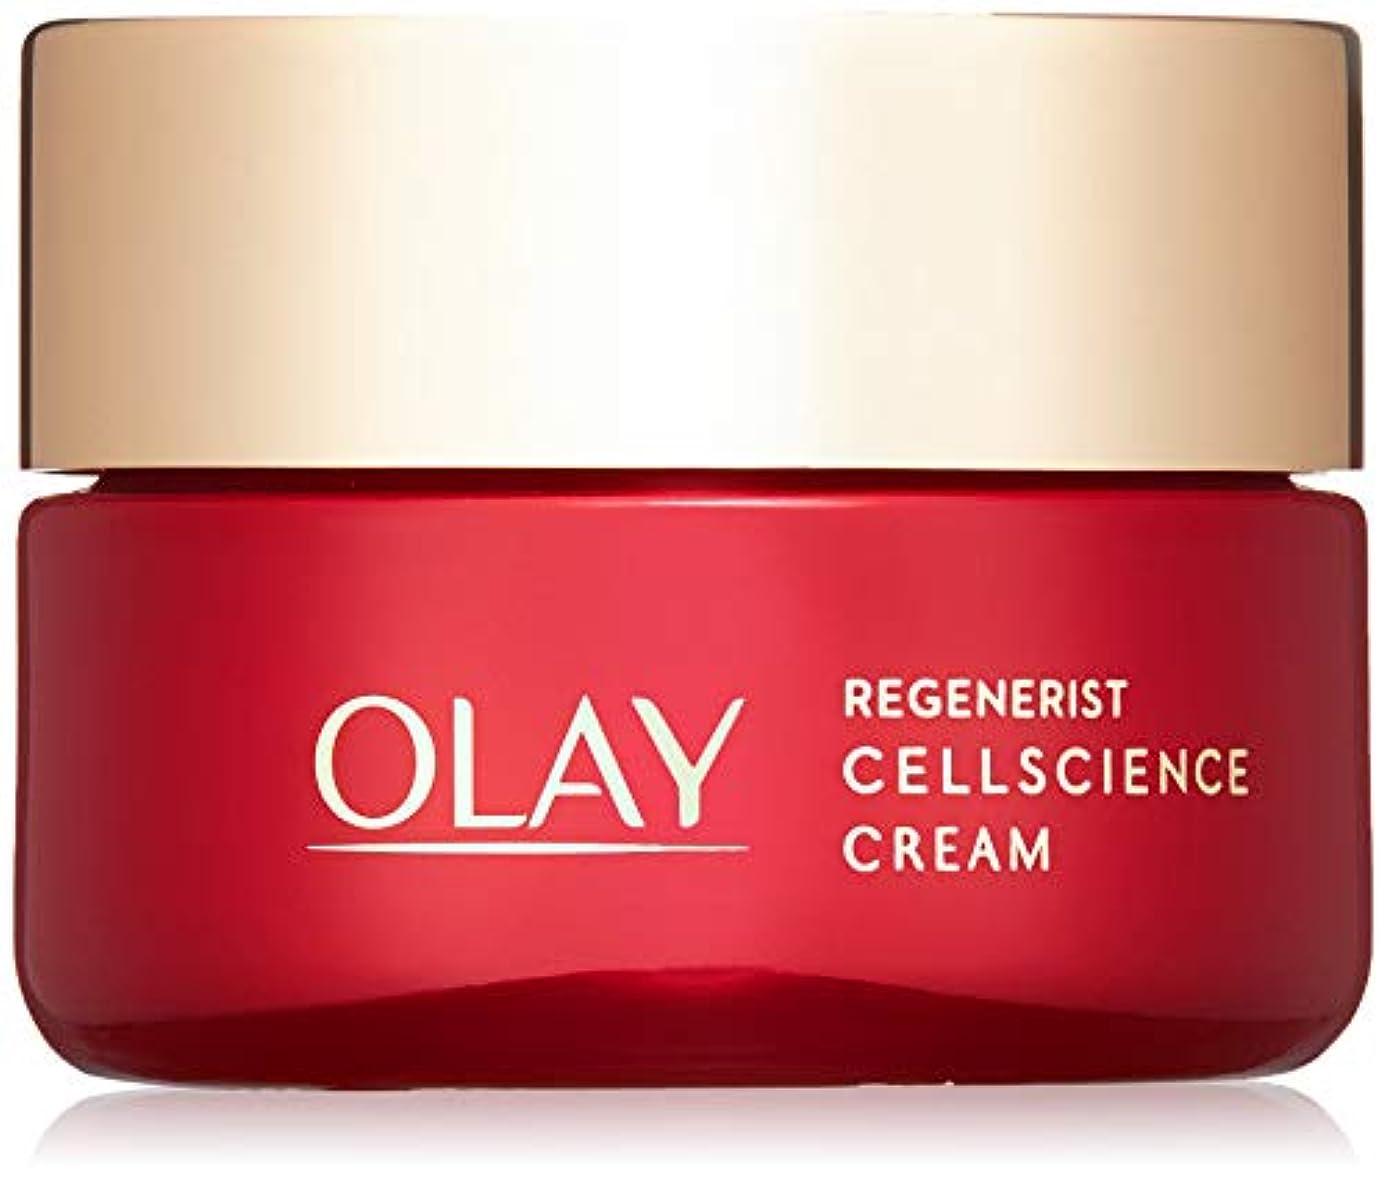 一次アレルギー性処方OLAY(オレイ) 美容クリーム リジェネリスト クリーム 50g